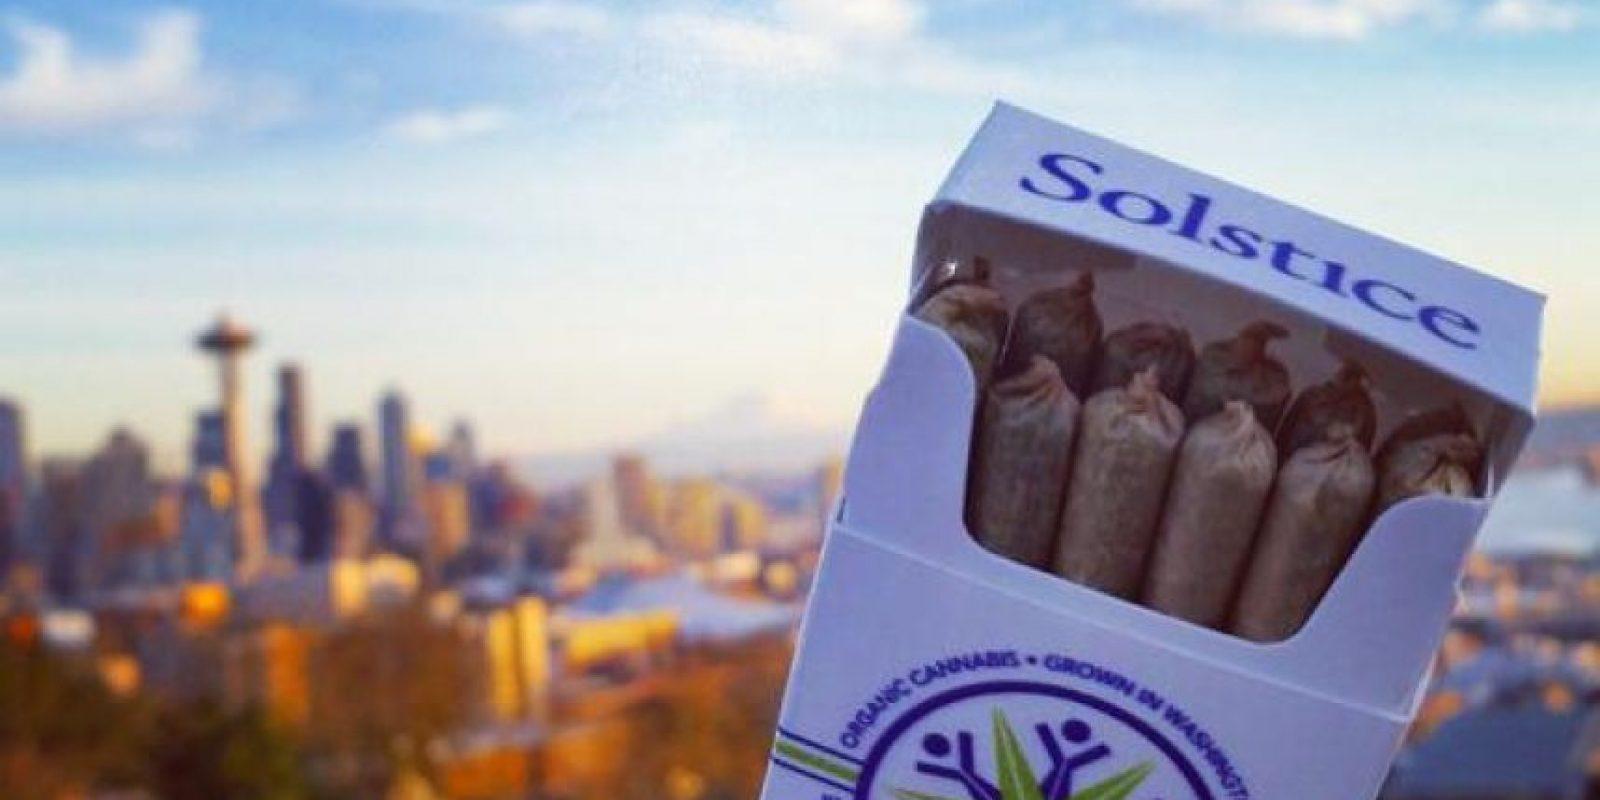 La empresa Solstice lanzó un souvenir de marihuana medicinal en el marco del partido más esperado de la temporada Foto:Twitter: @solsticegrown